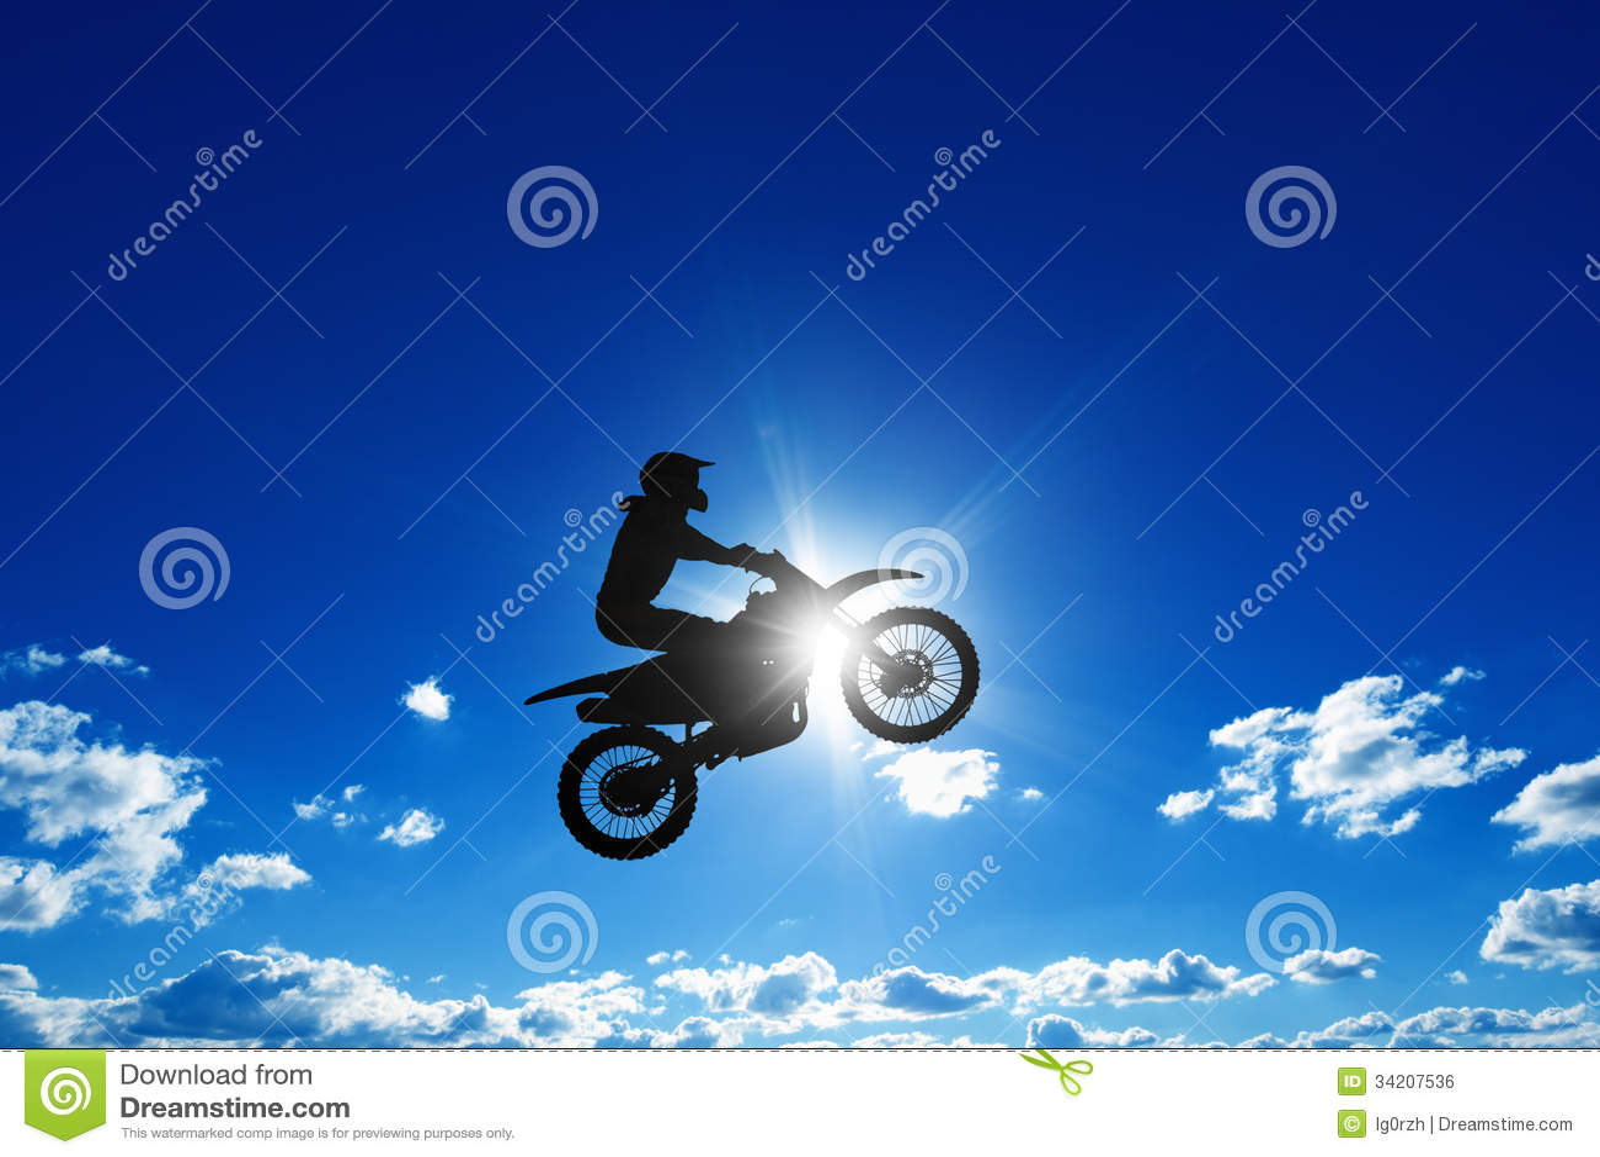 跳跃的摩托车车手